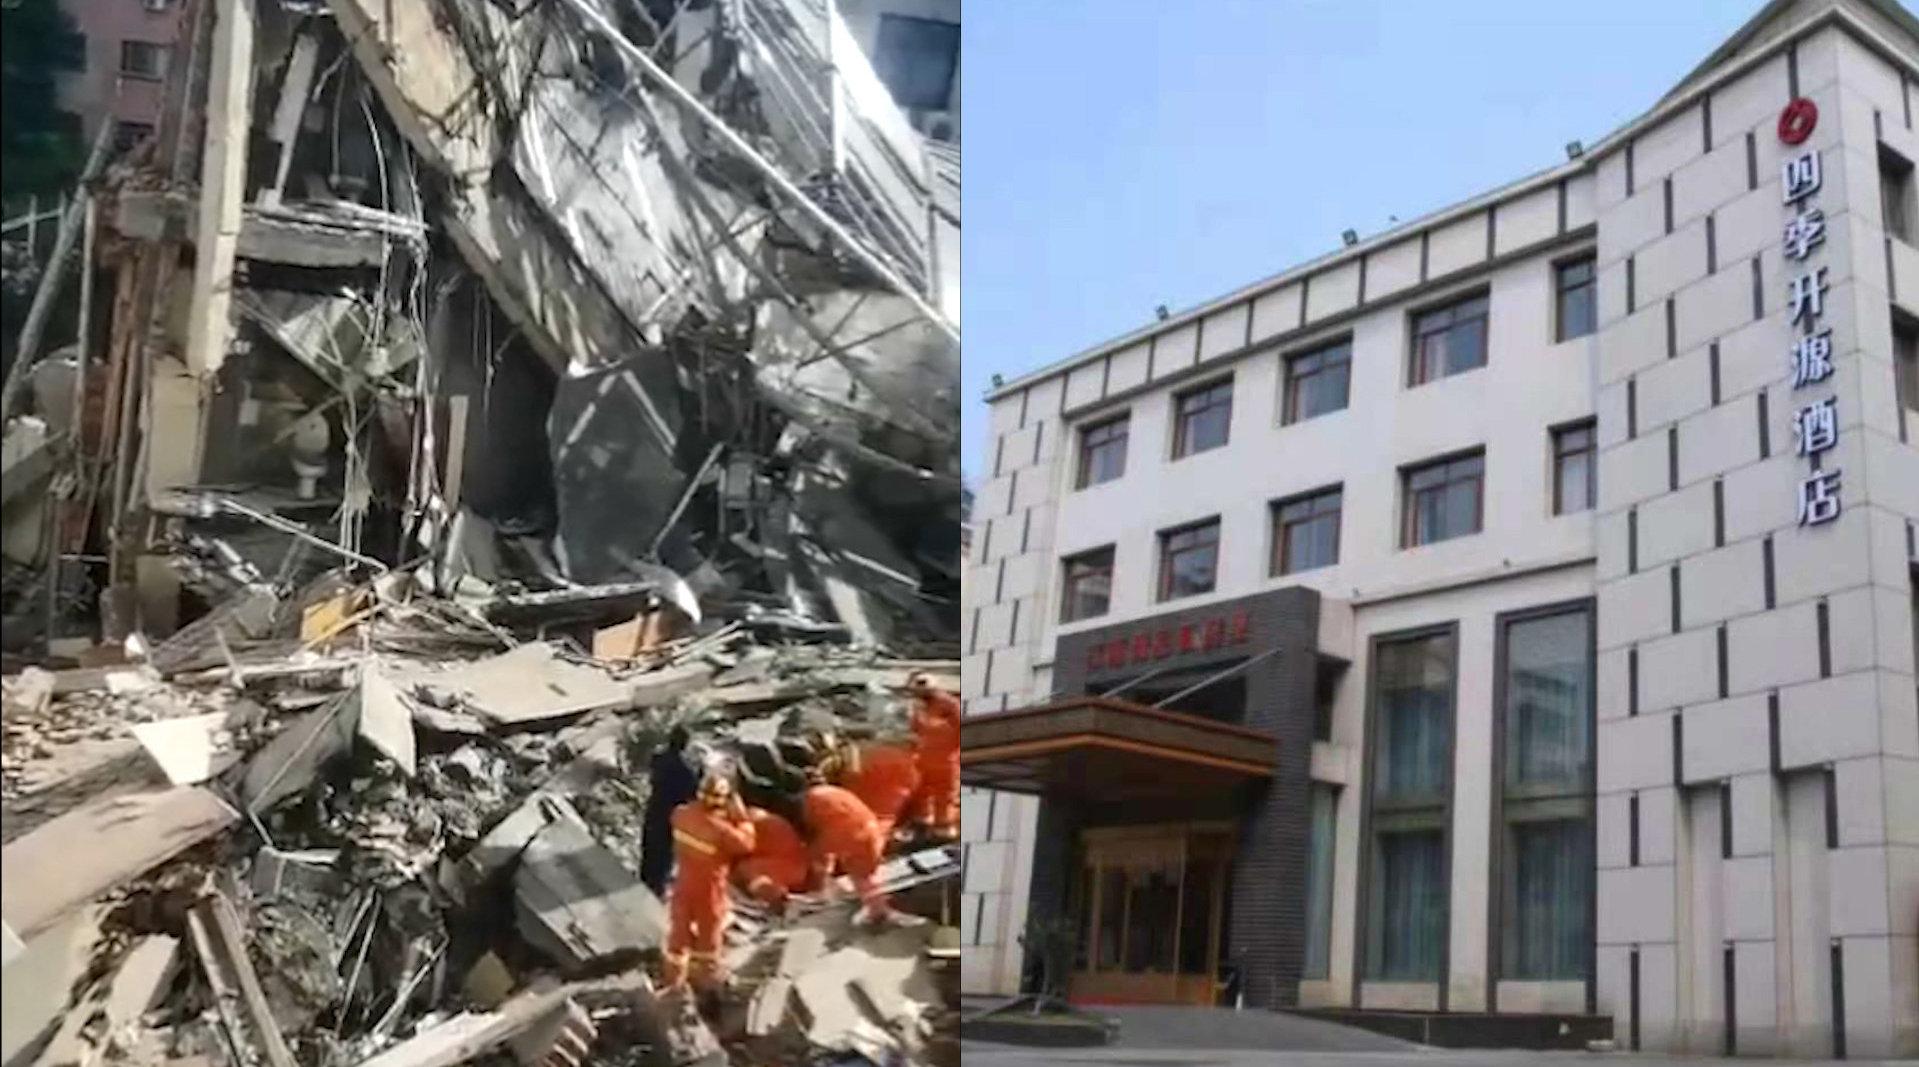 苏州一酒店坍塌致10人失联 开业仅一年多